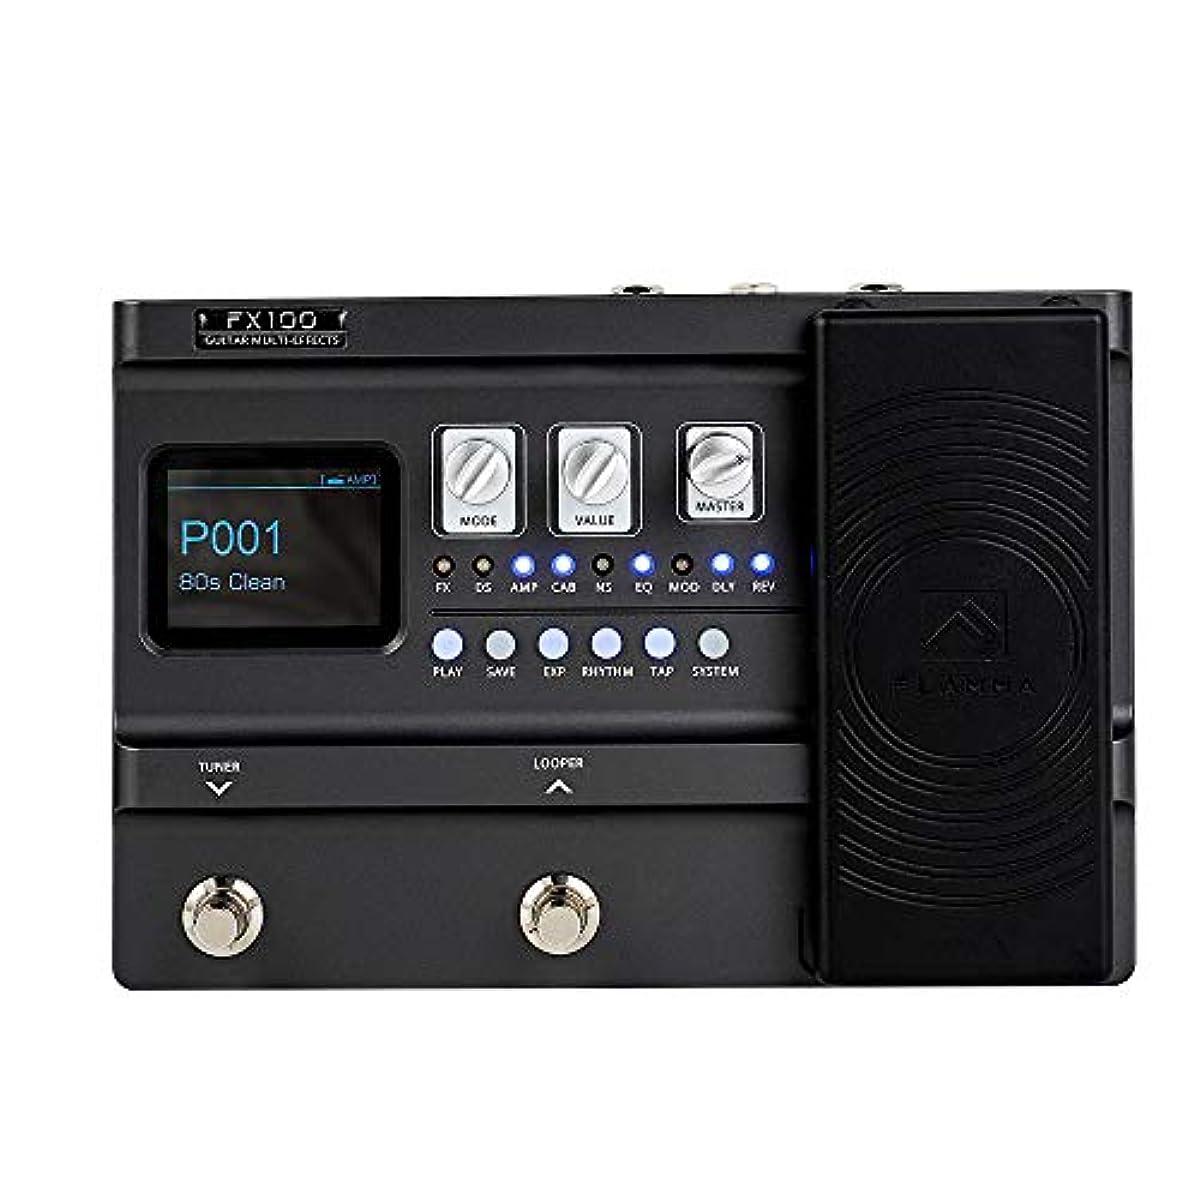 [해외] FLAMMA FX100 기타 멀티-이펙트 페달 151 이펙트 부착 80초 루 파 200 프리 세트 55 앰프 모델 40 드럼 머신 10 메트로놈 다크 그레이